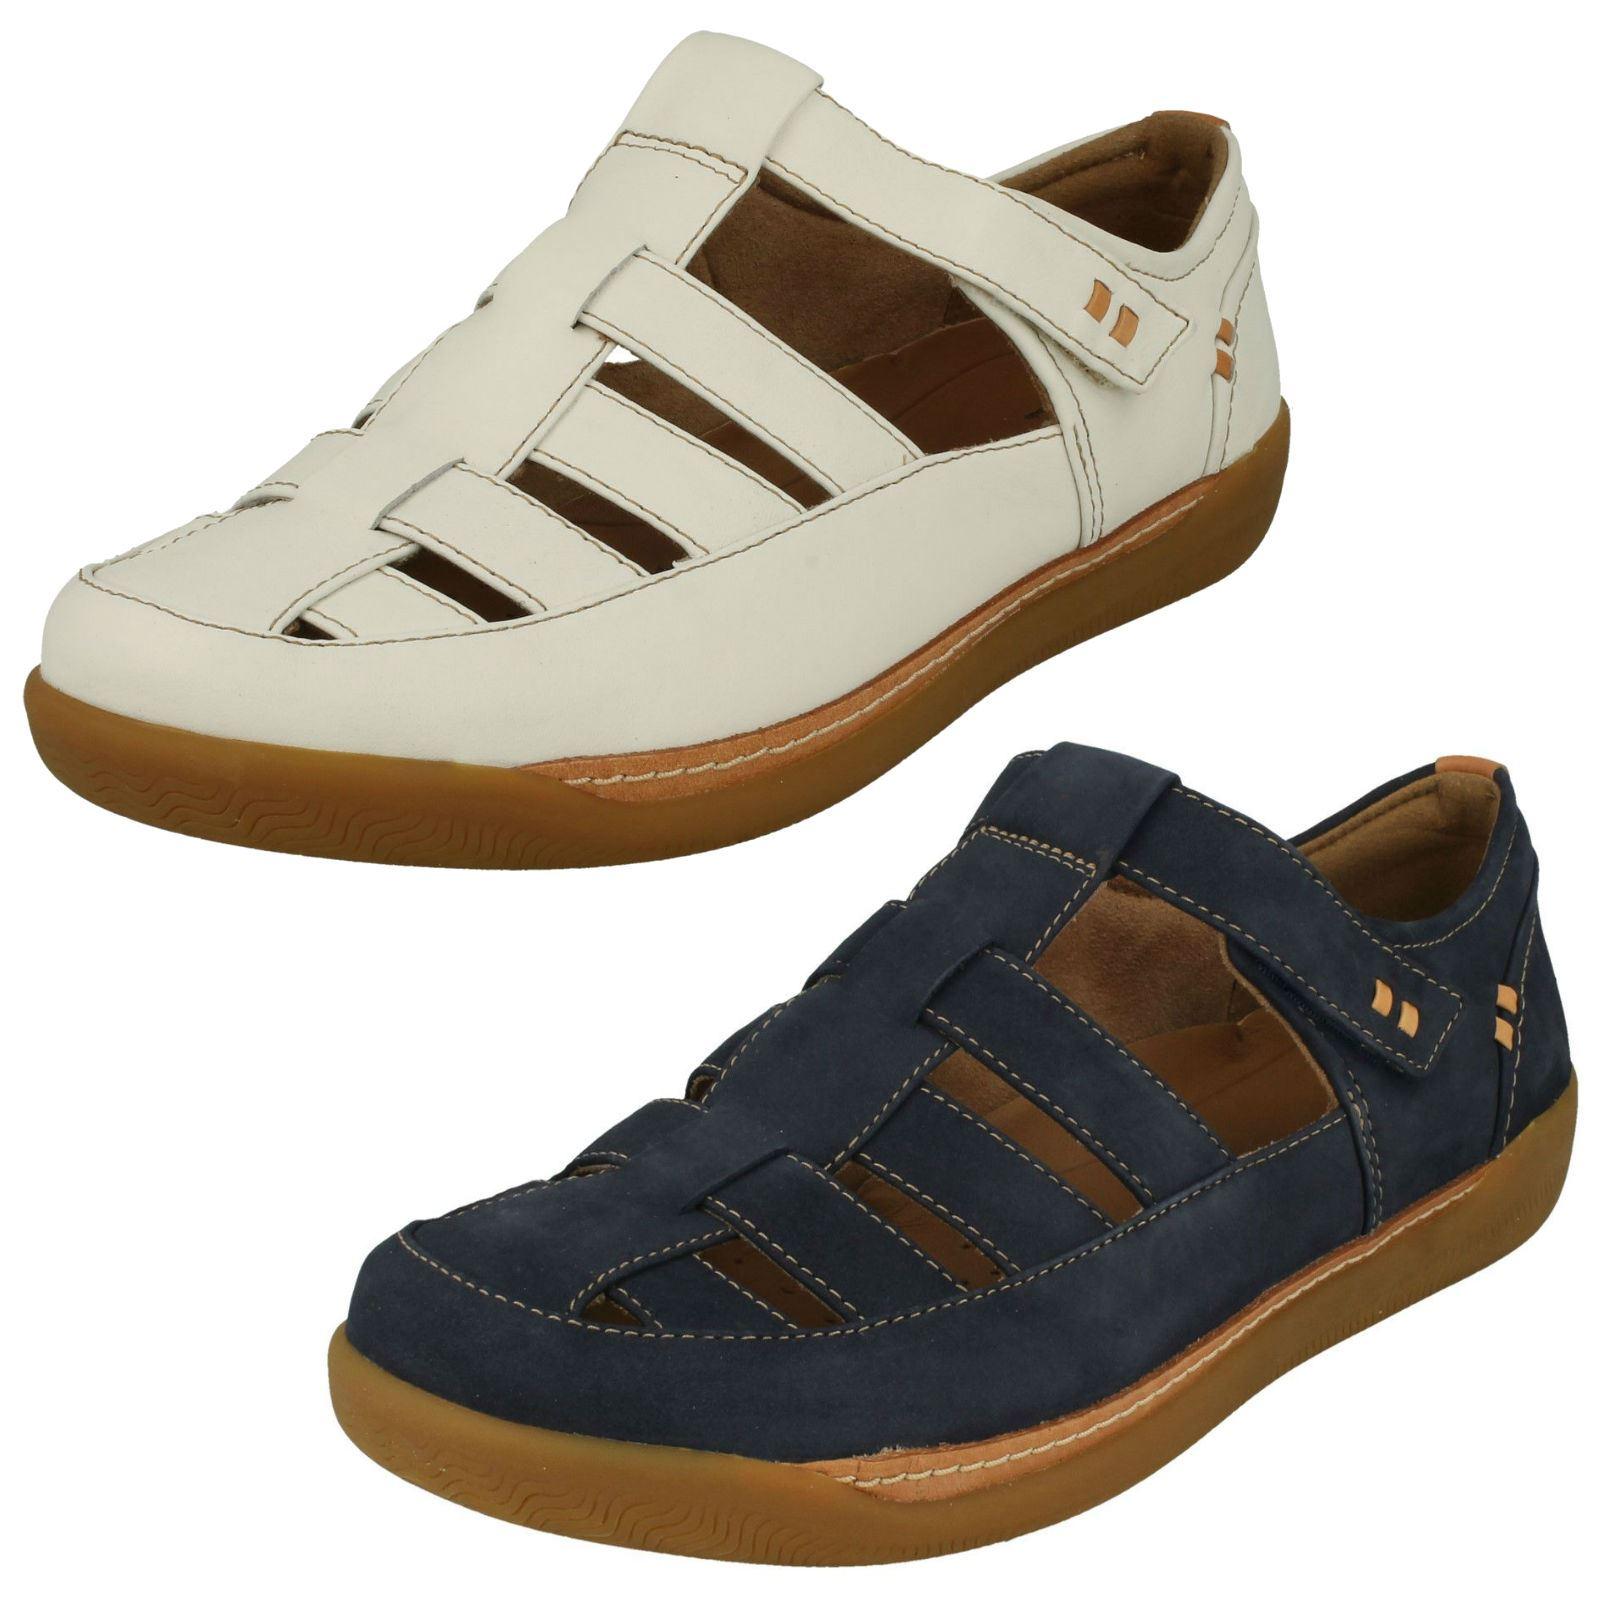 bc6cea2cc46 Details about Ladies Clarks Casual Unstructured Shoes Un Haven Cove